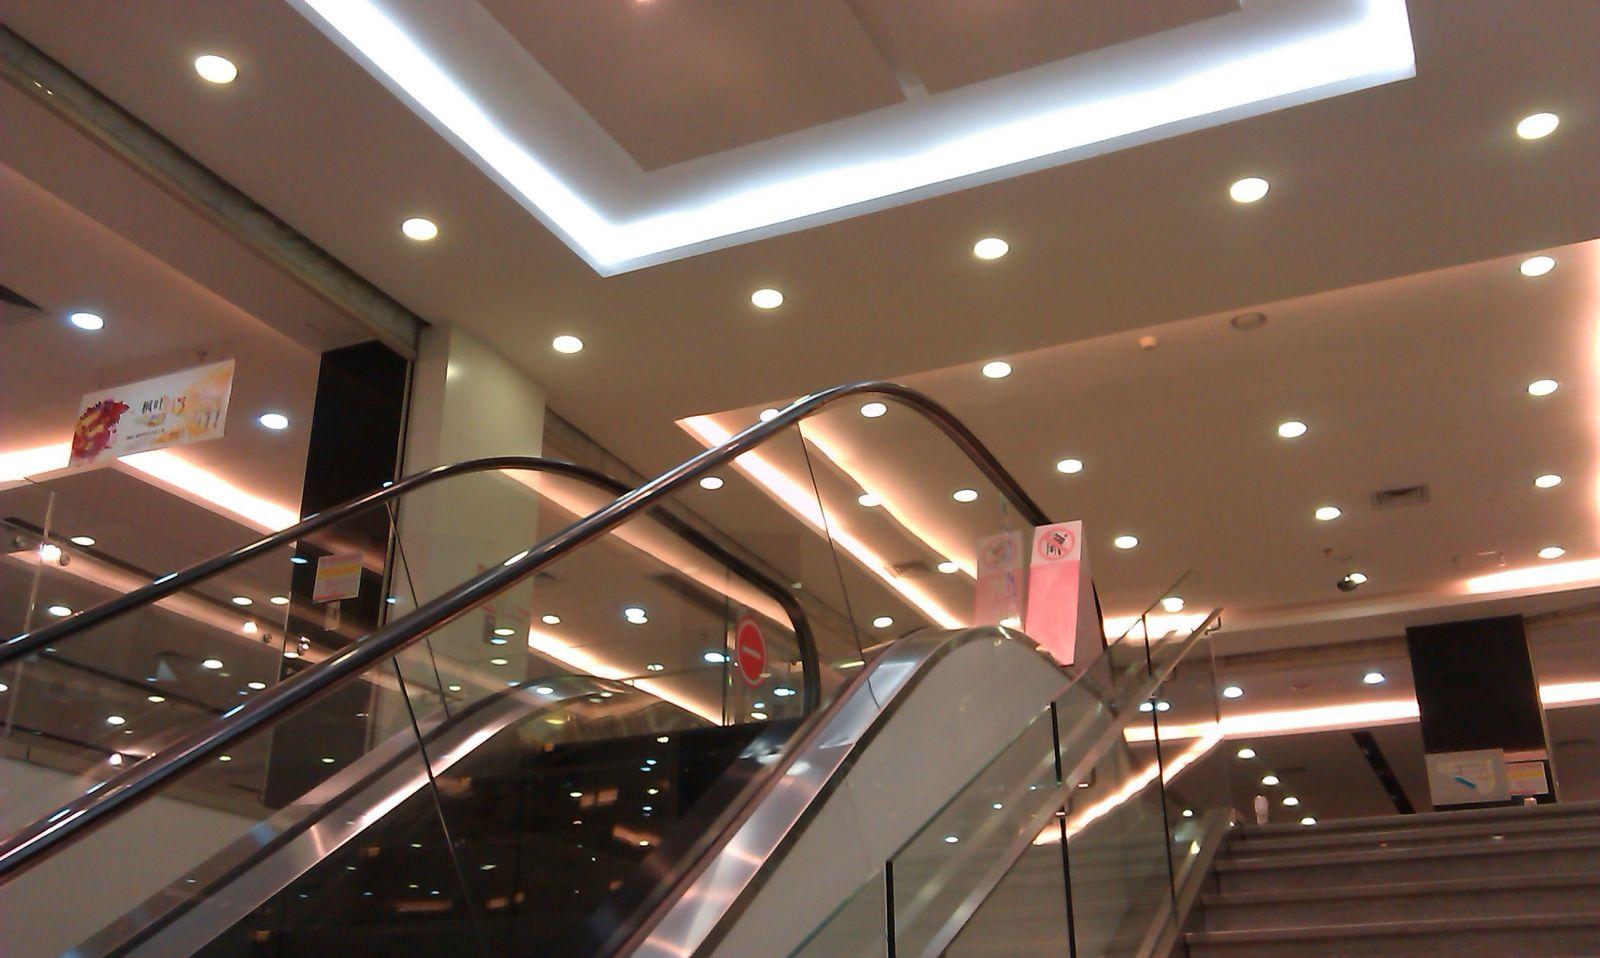 Đèn led âm trần lắp đặt tại trung tâm thương mại